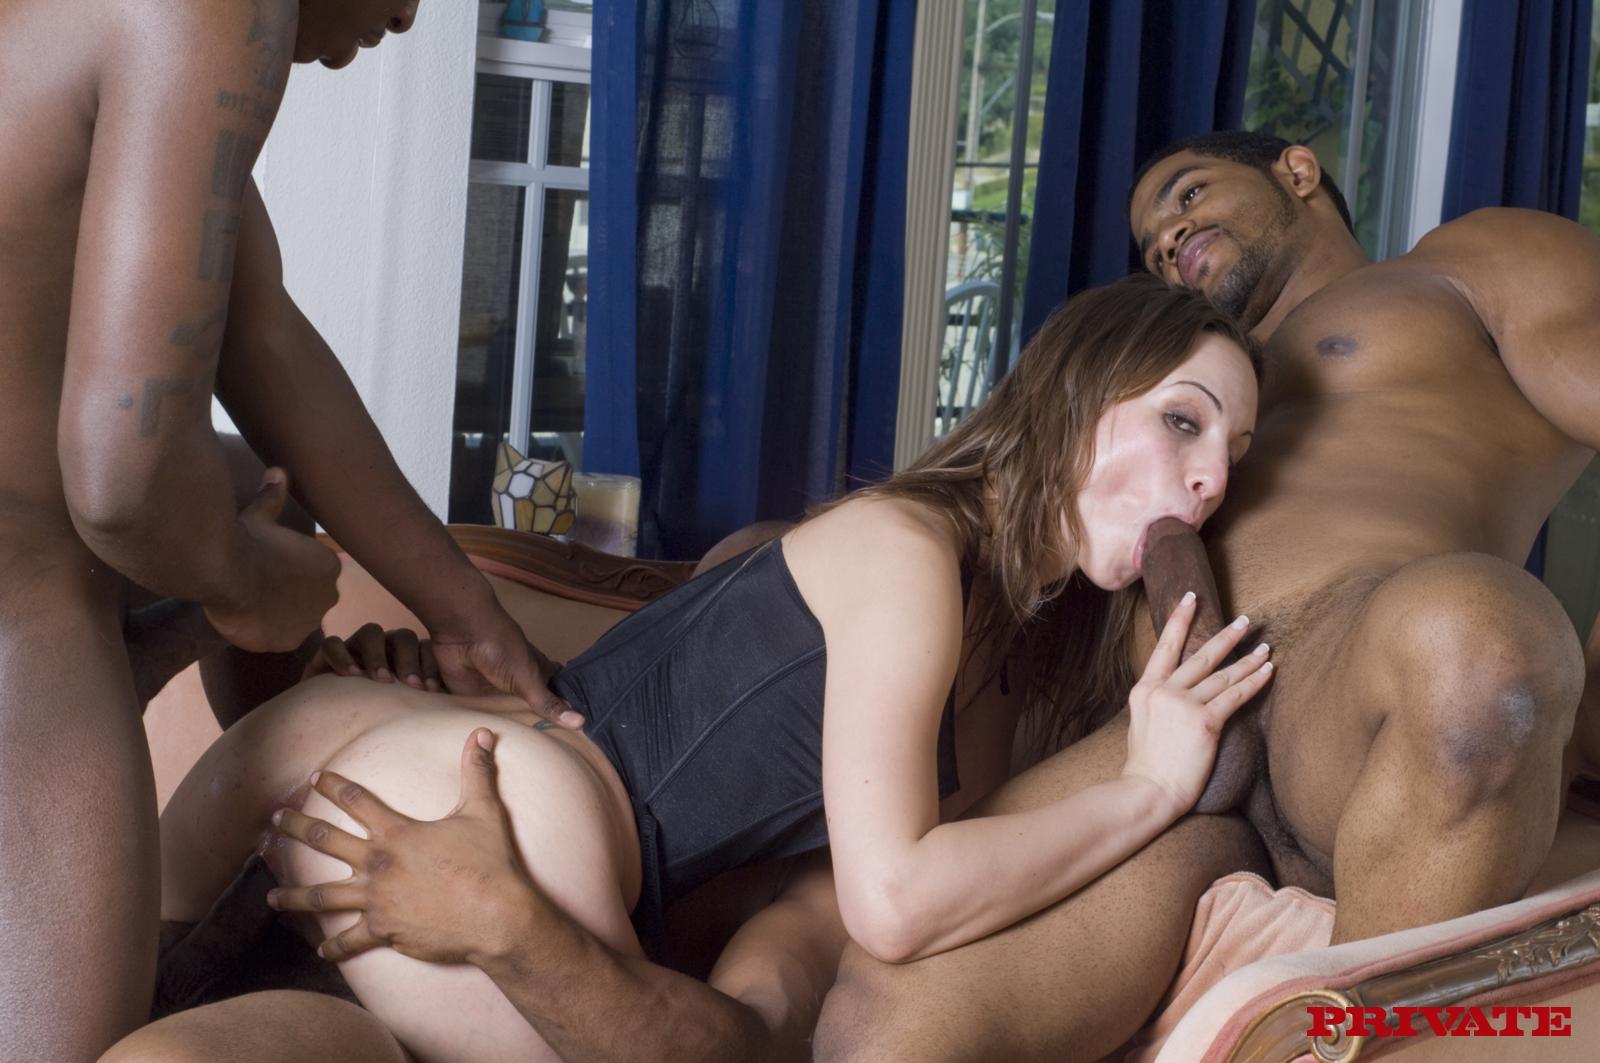 Big dicks sex pics